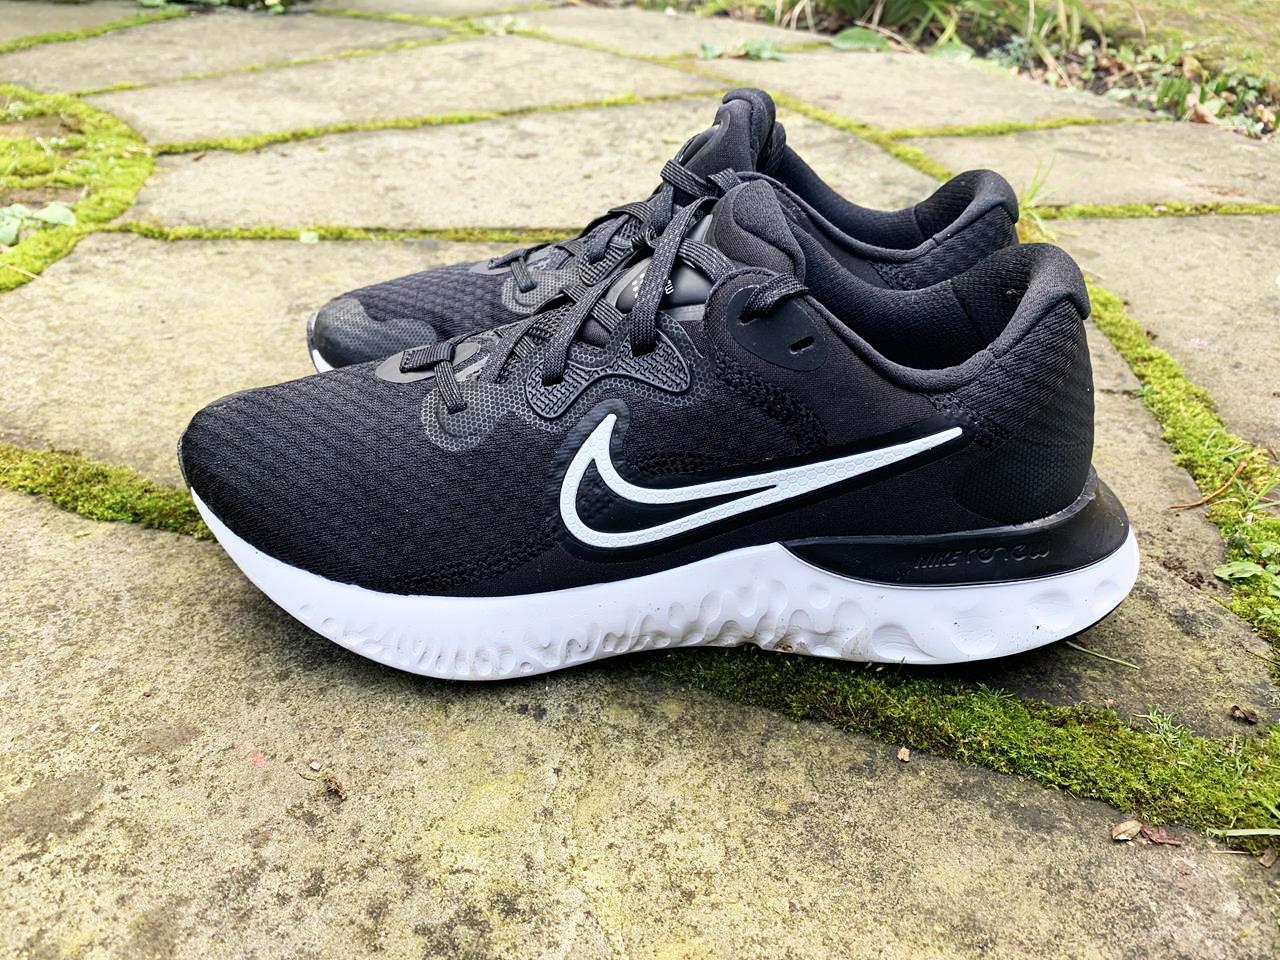 Nike Renew Run 2 - Lateral Side